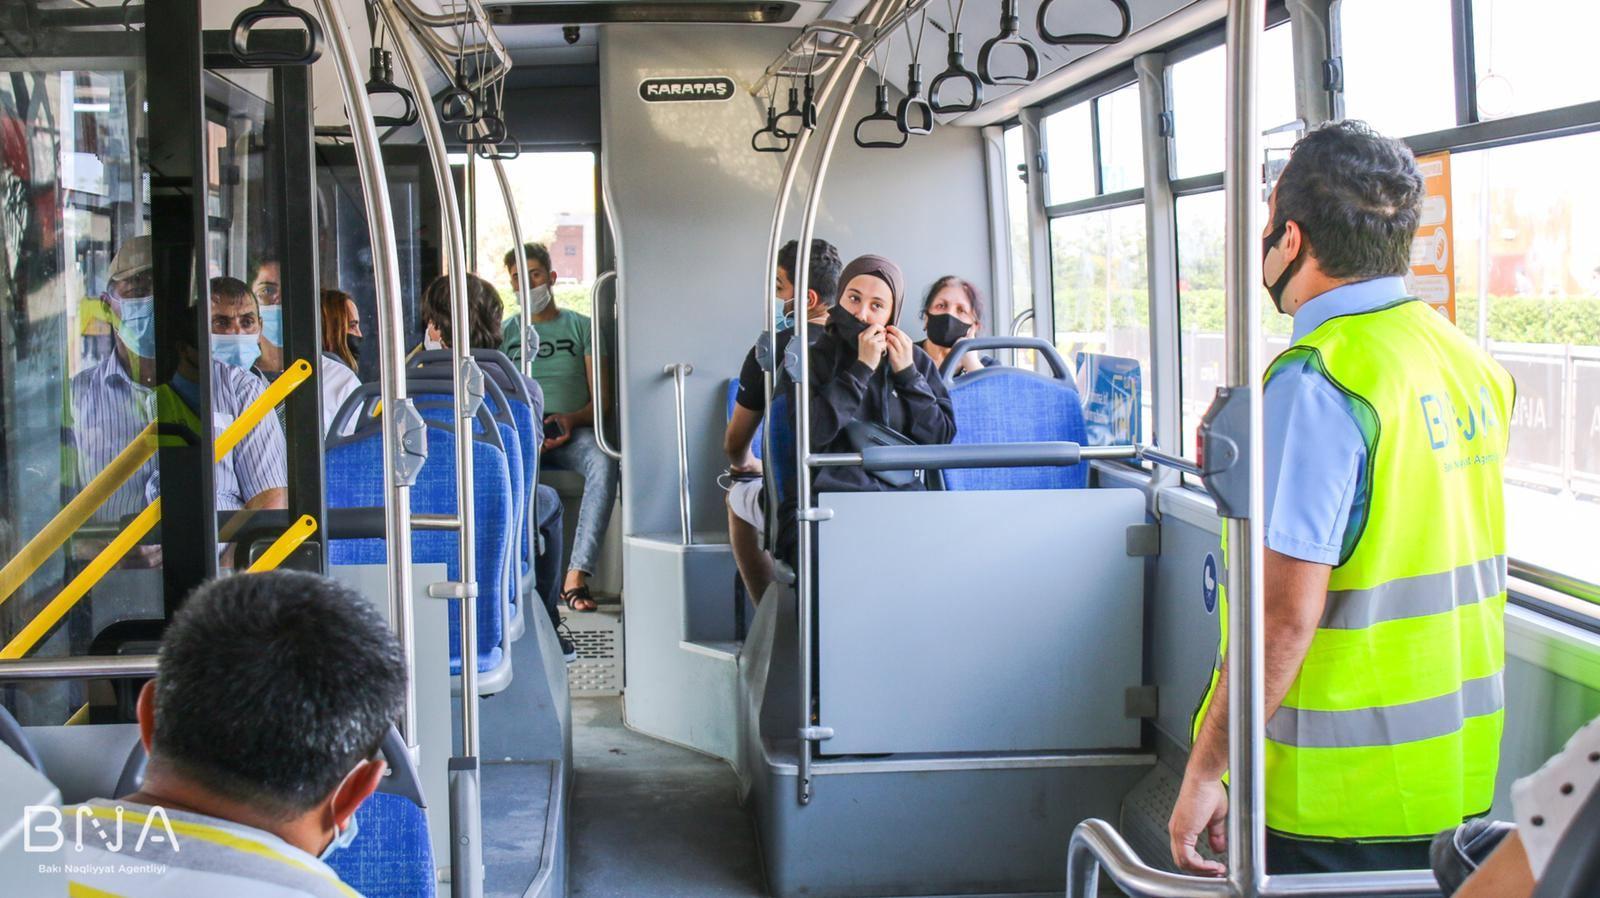 БТА призвало пассажиров отнестись ответственнее к правилам карантинного режима (ФОТО) - Gallery Image